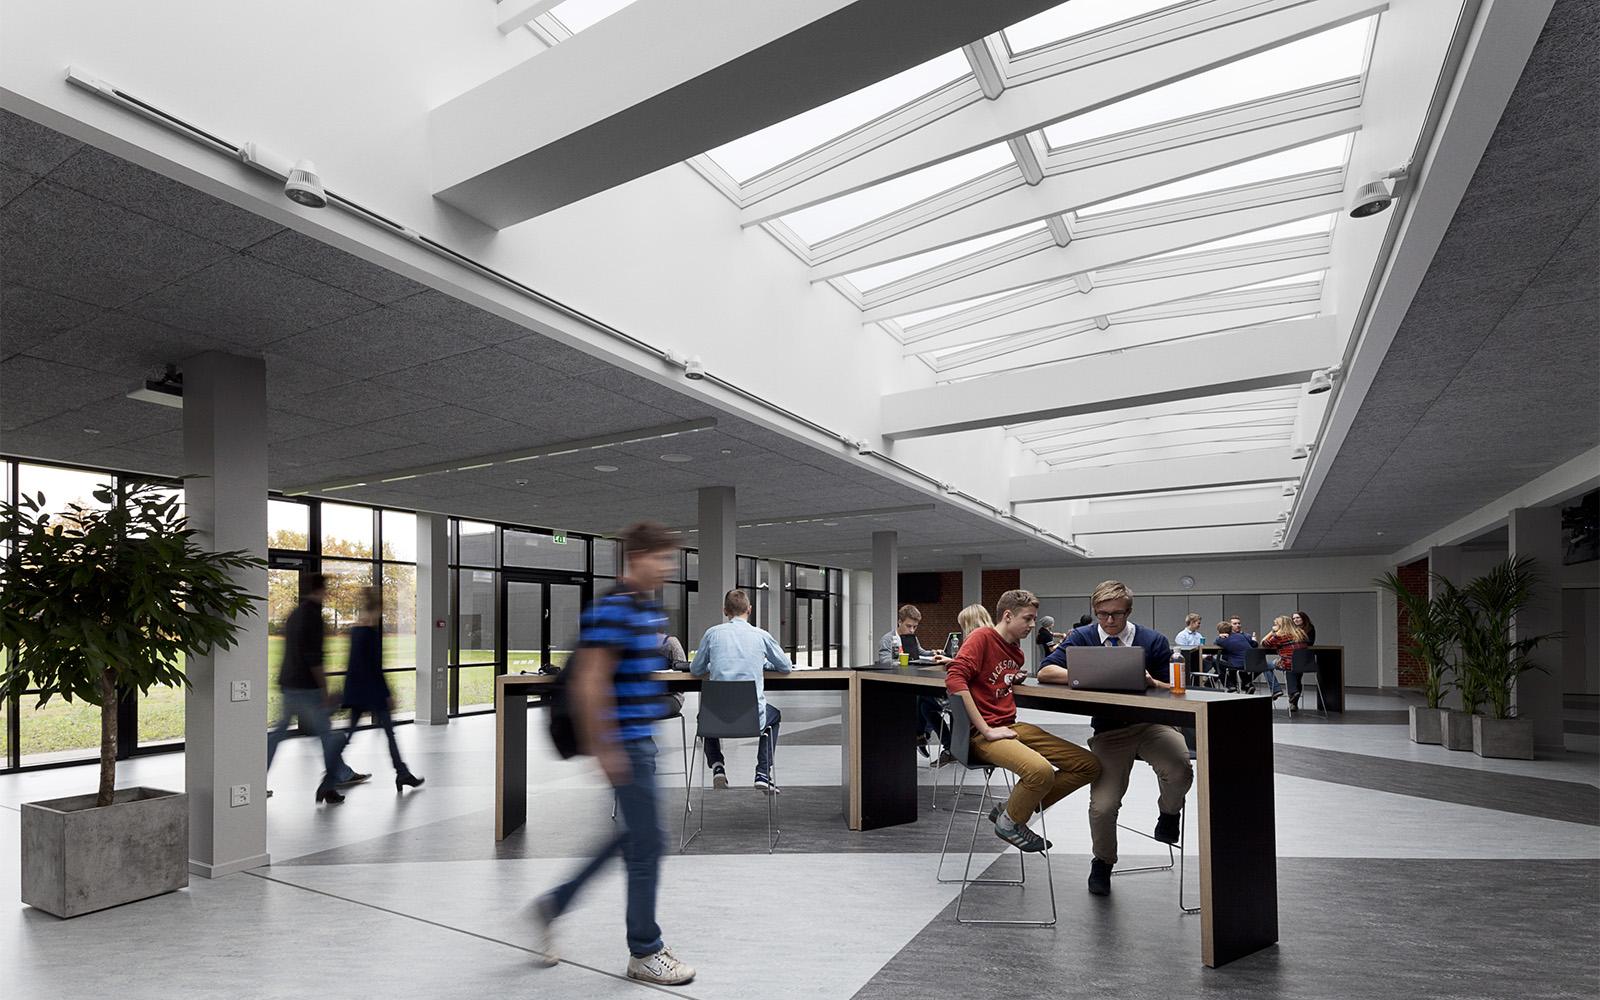 Animierte Schulhalle mit Tageslicht durch VELUX Dachverglasungslösungen beleuchtet